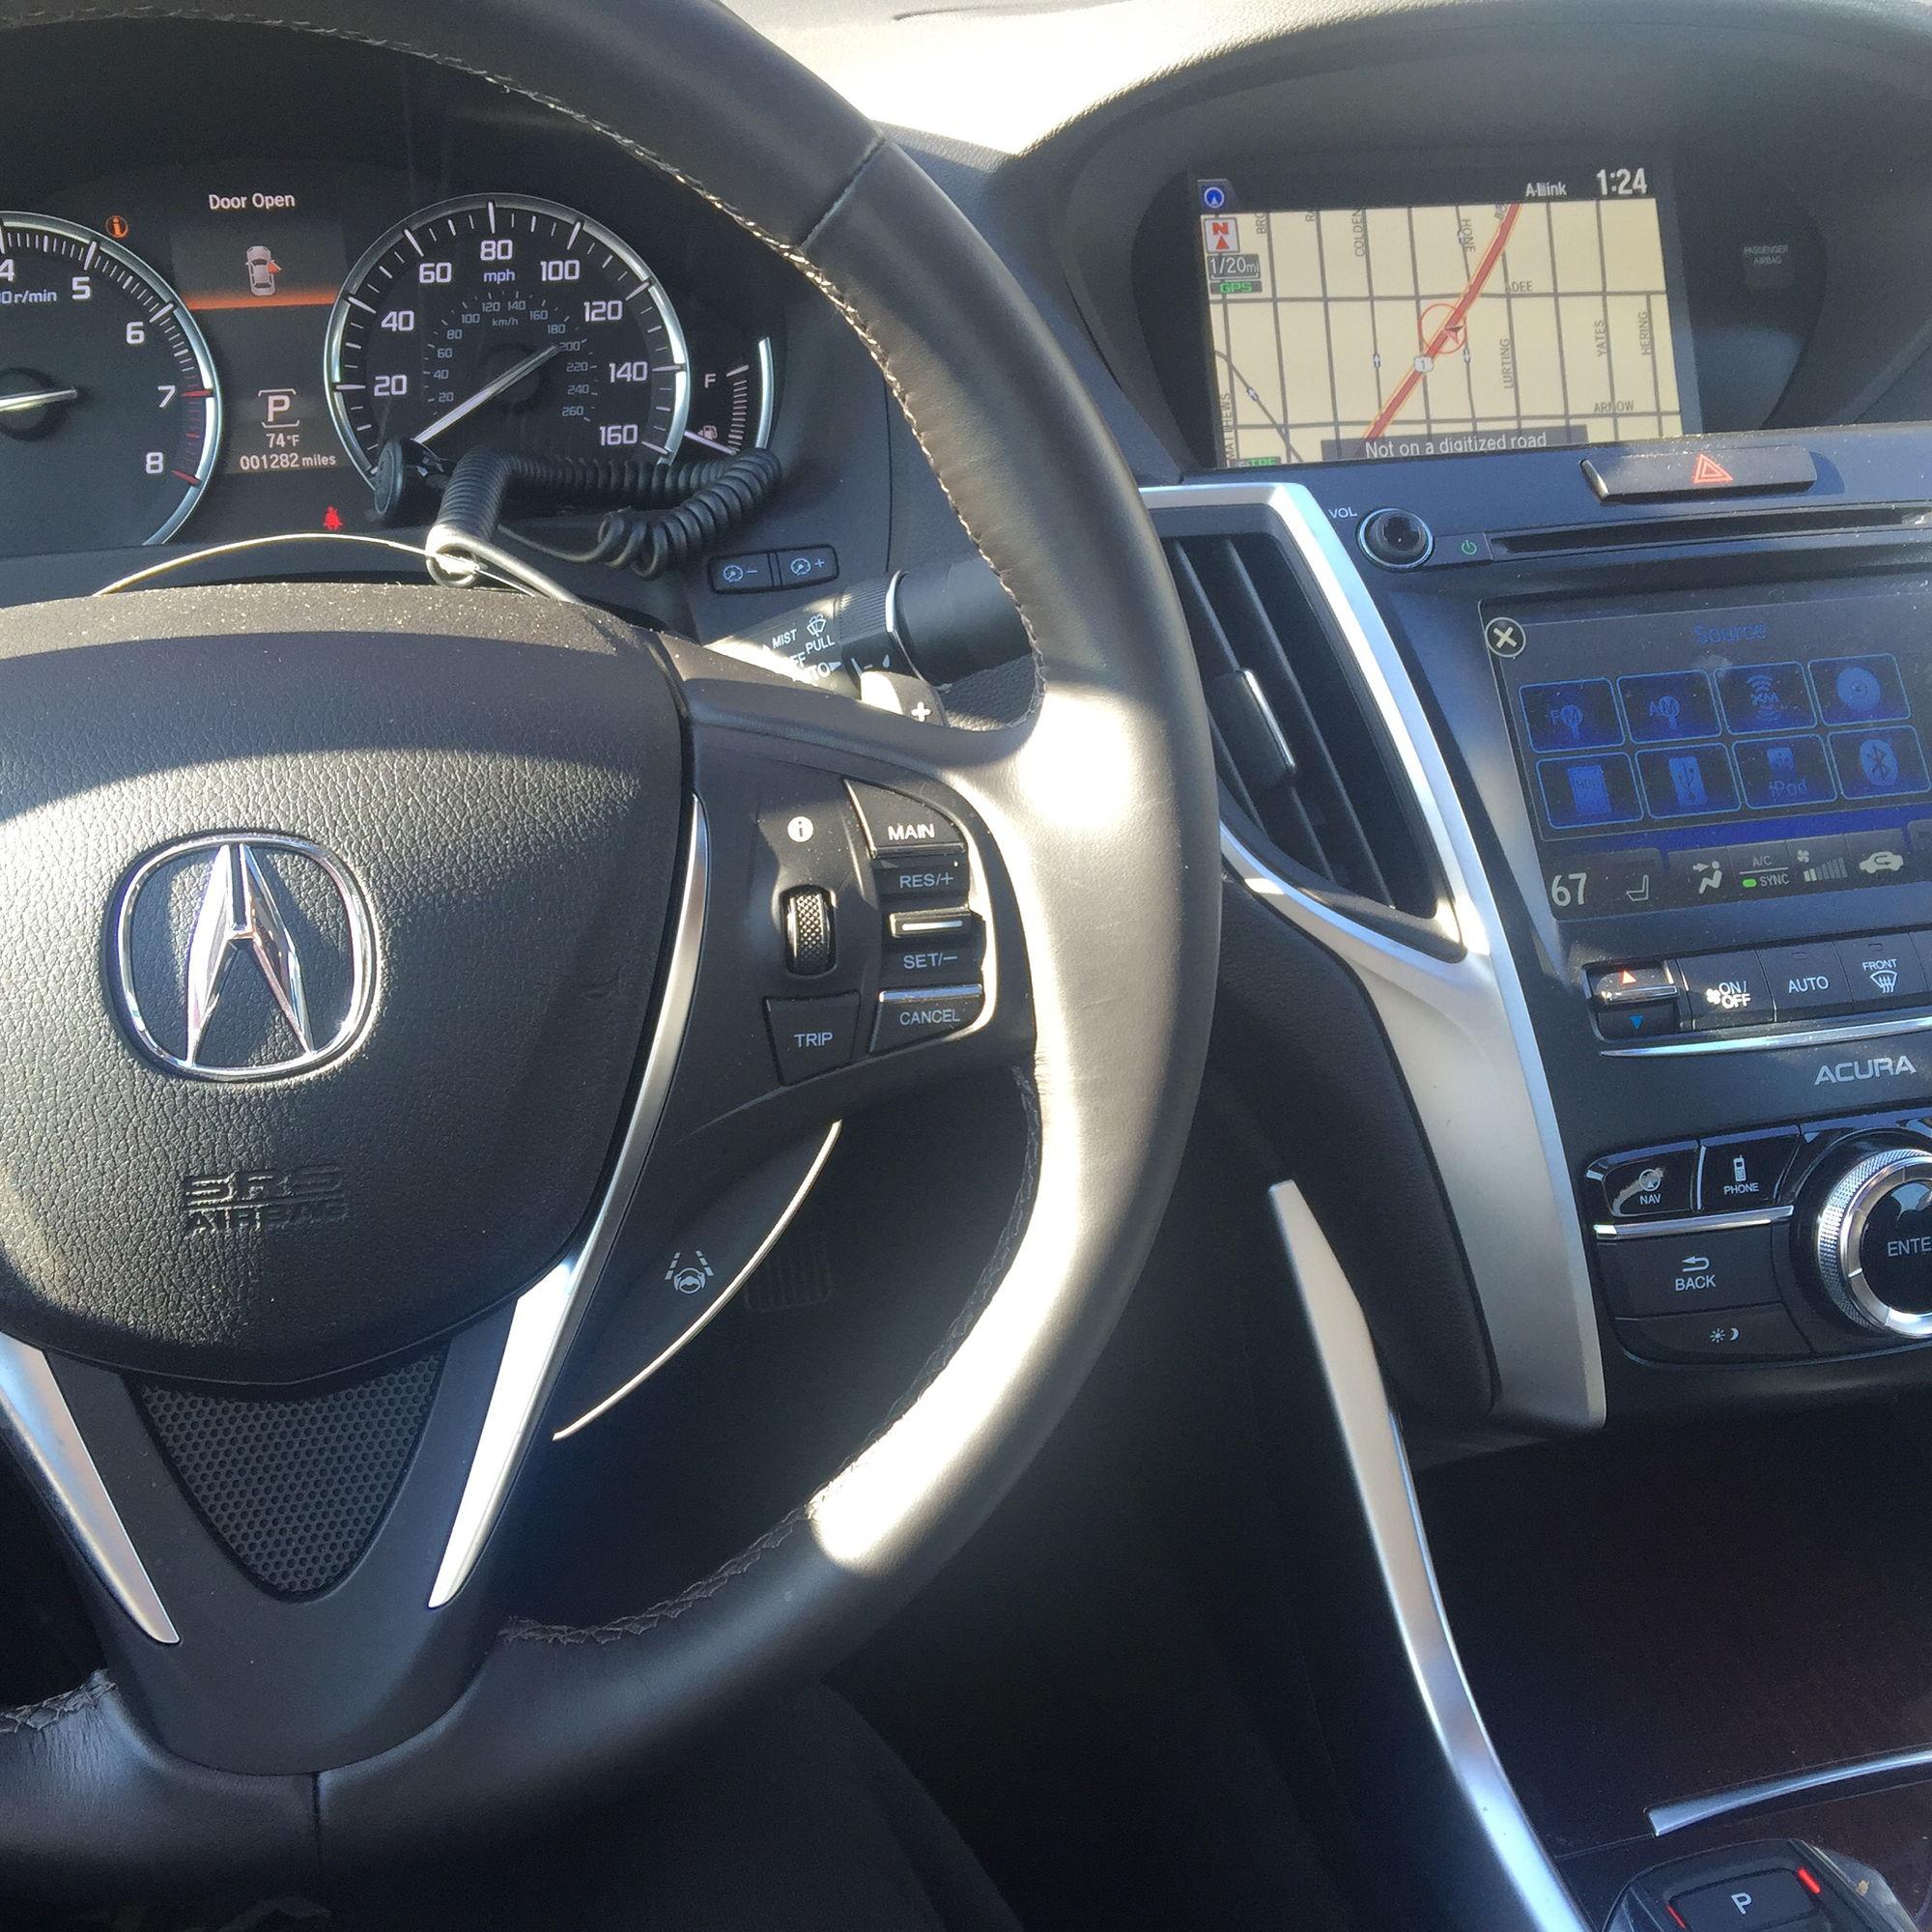 Marks 2015 V6 Sh AWD Tlx Build